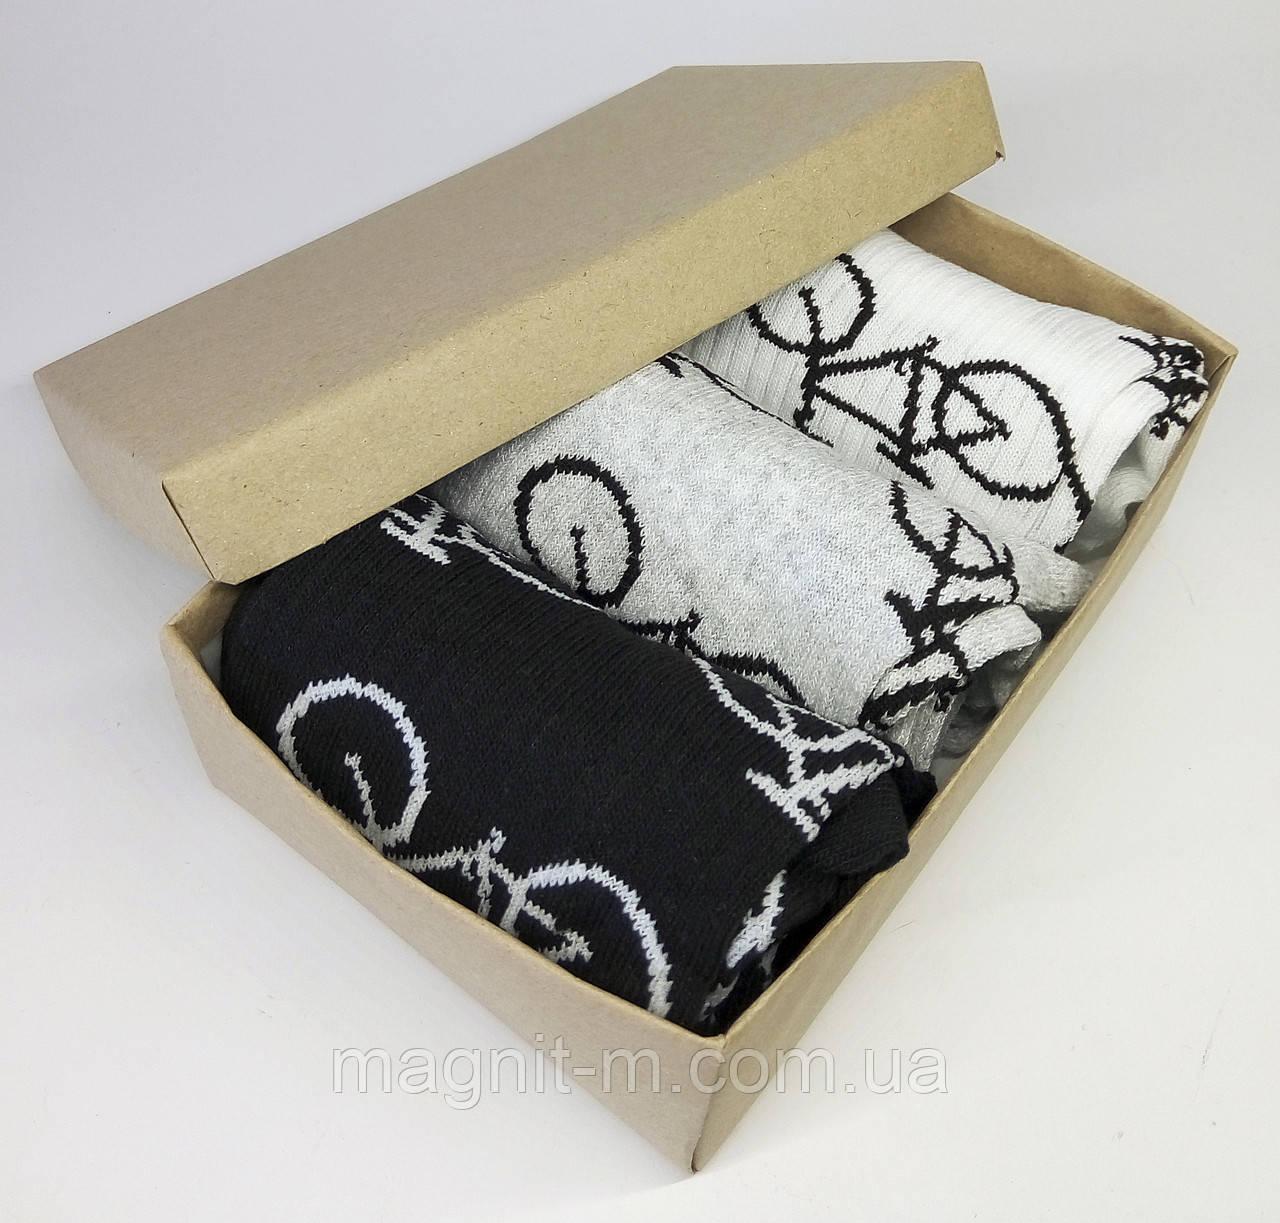 Набор мужских носков в подарочной картонной коробке. Велосипеды